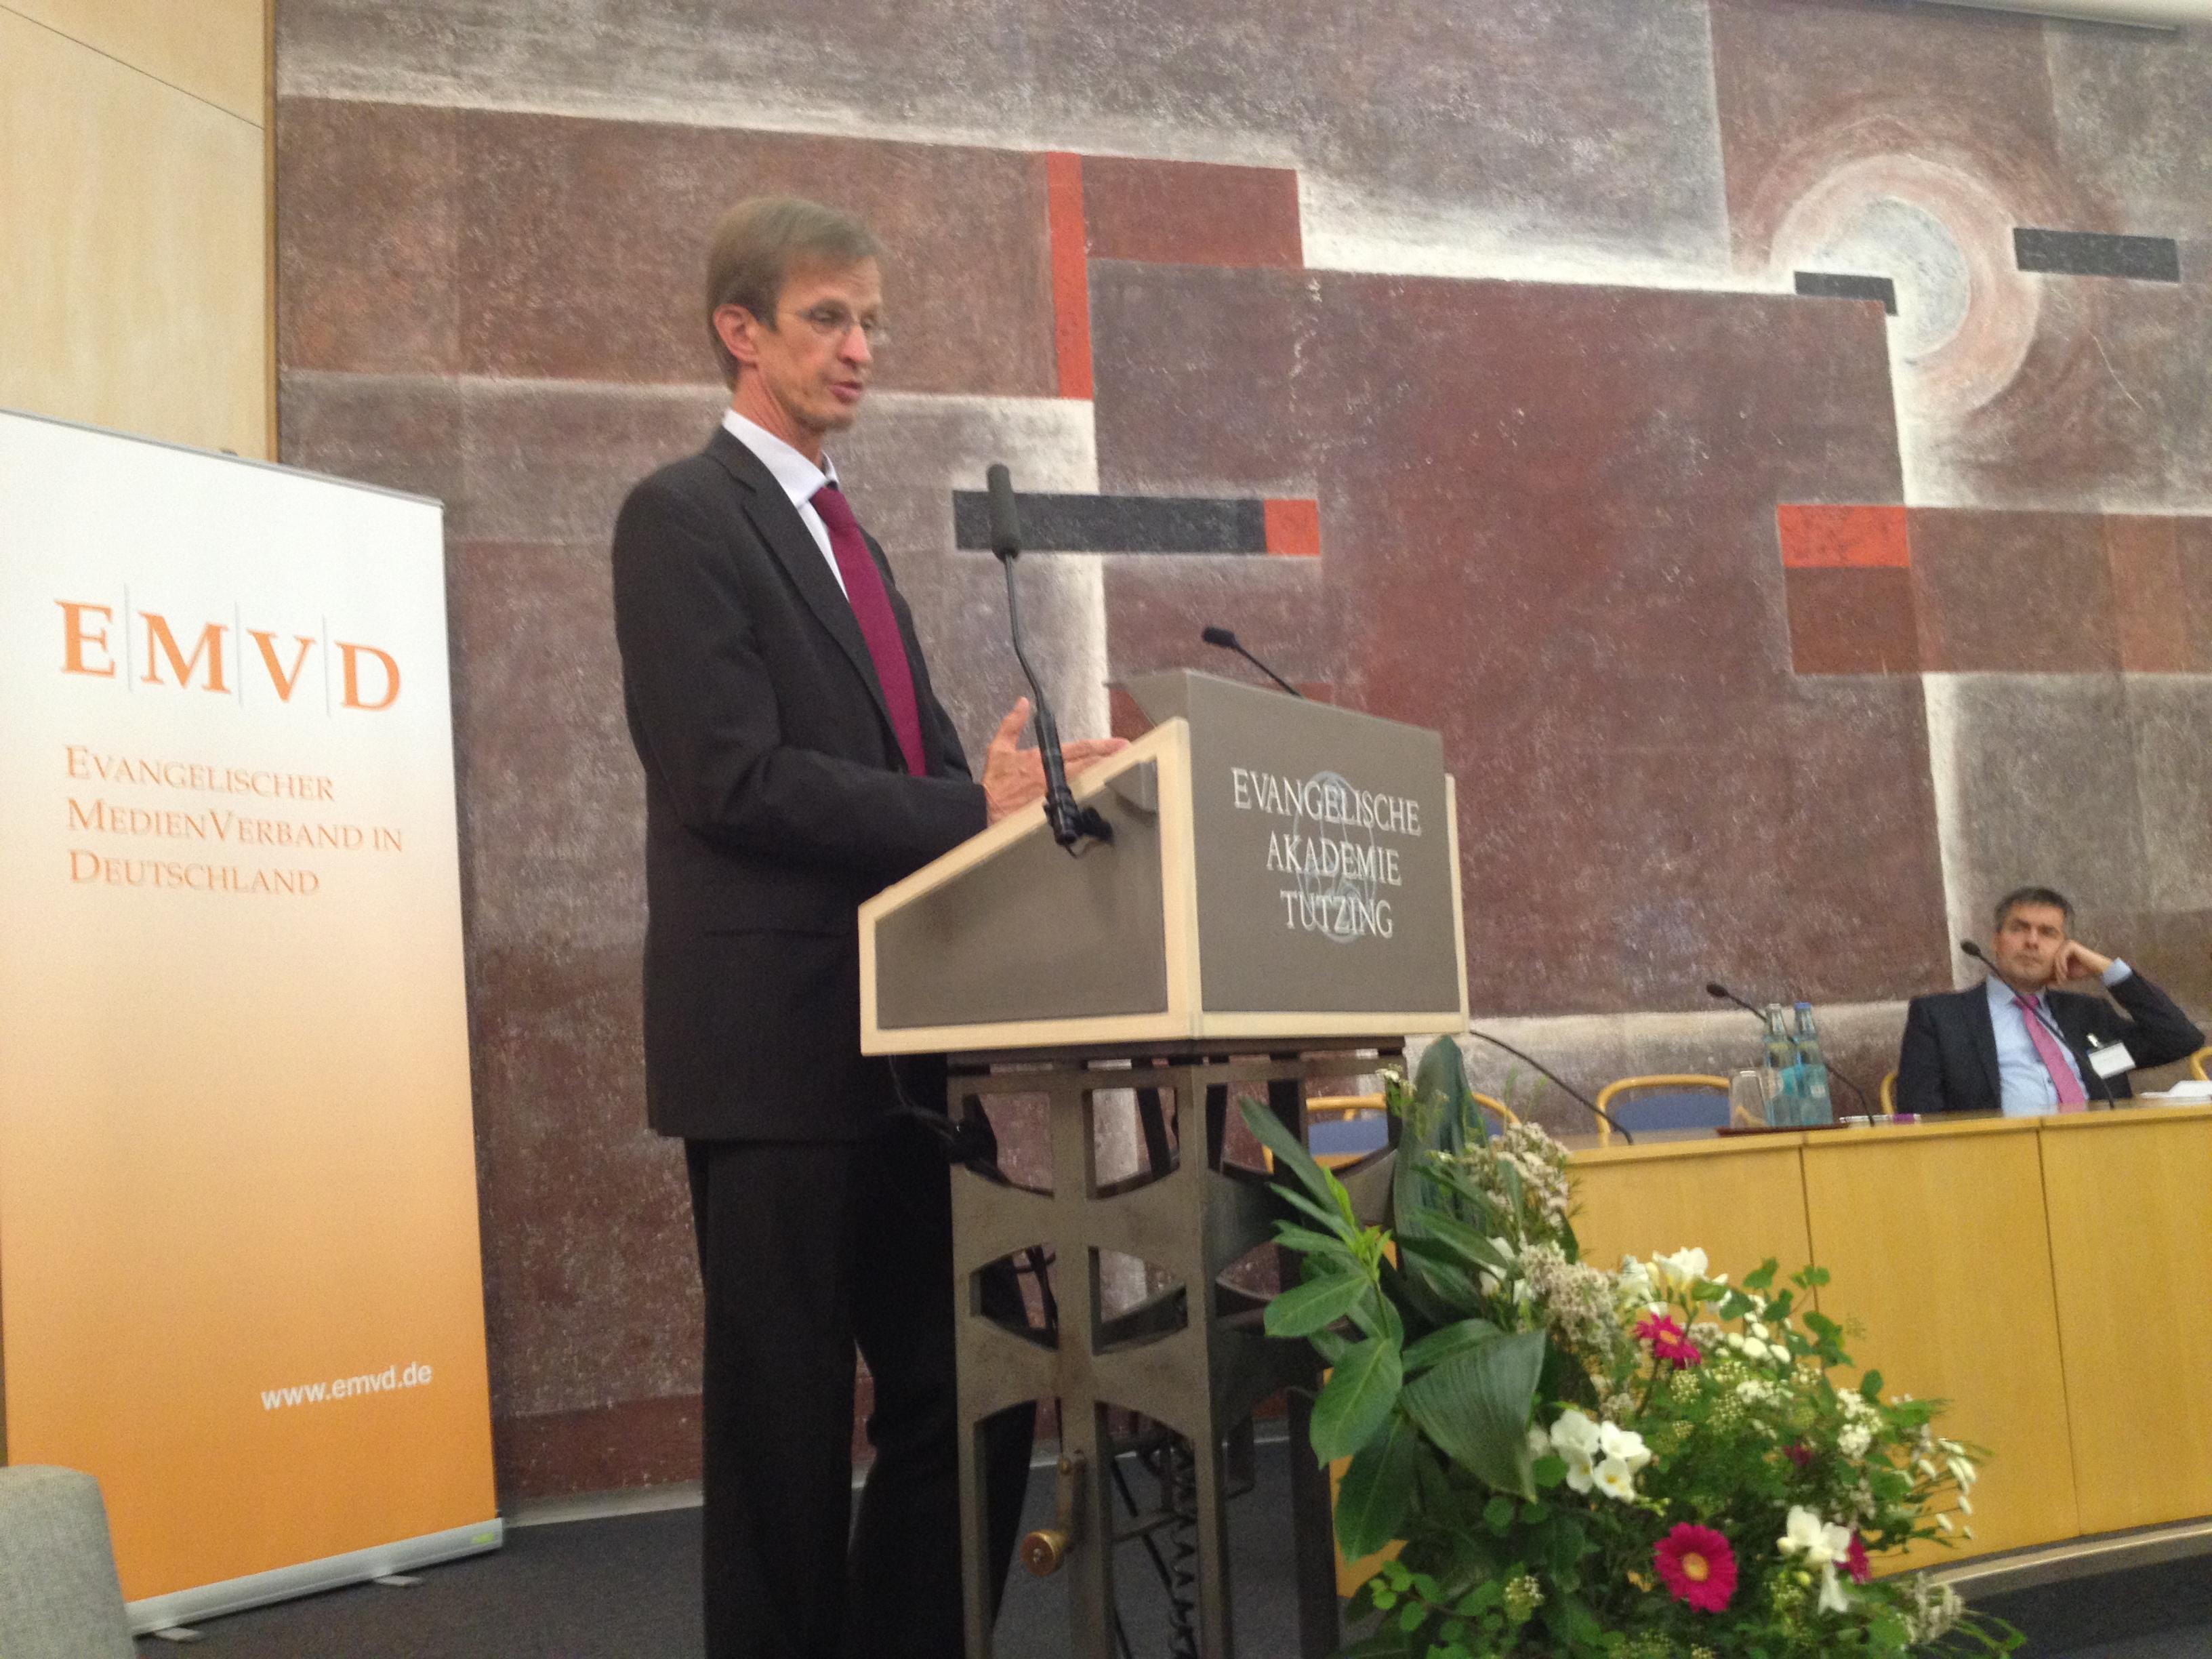 Evangelische medientage 2014 emvd for Albrecht hesse